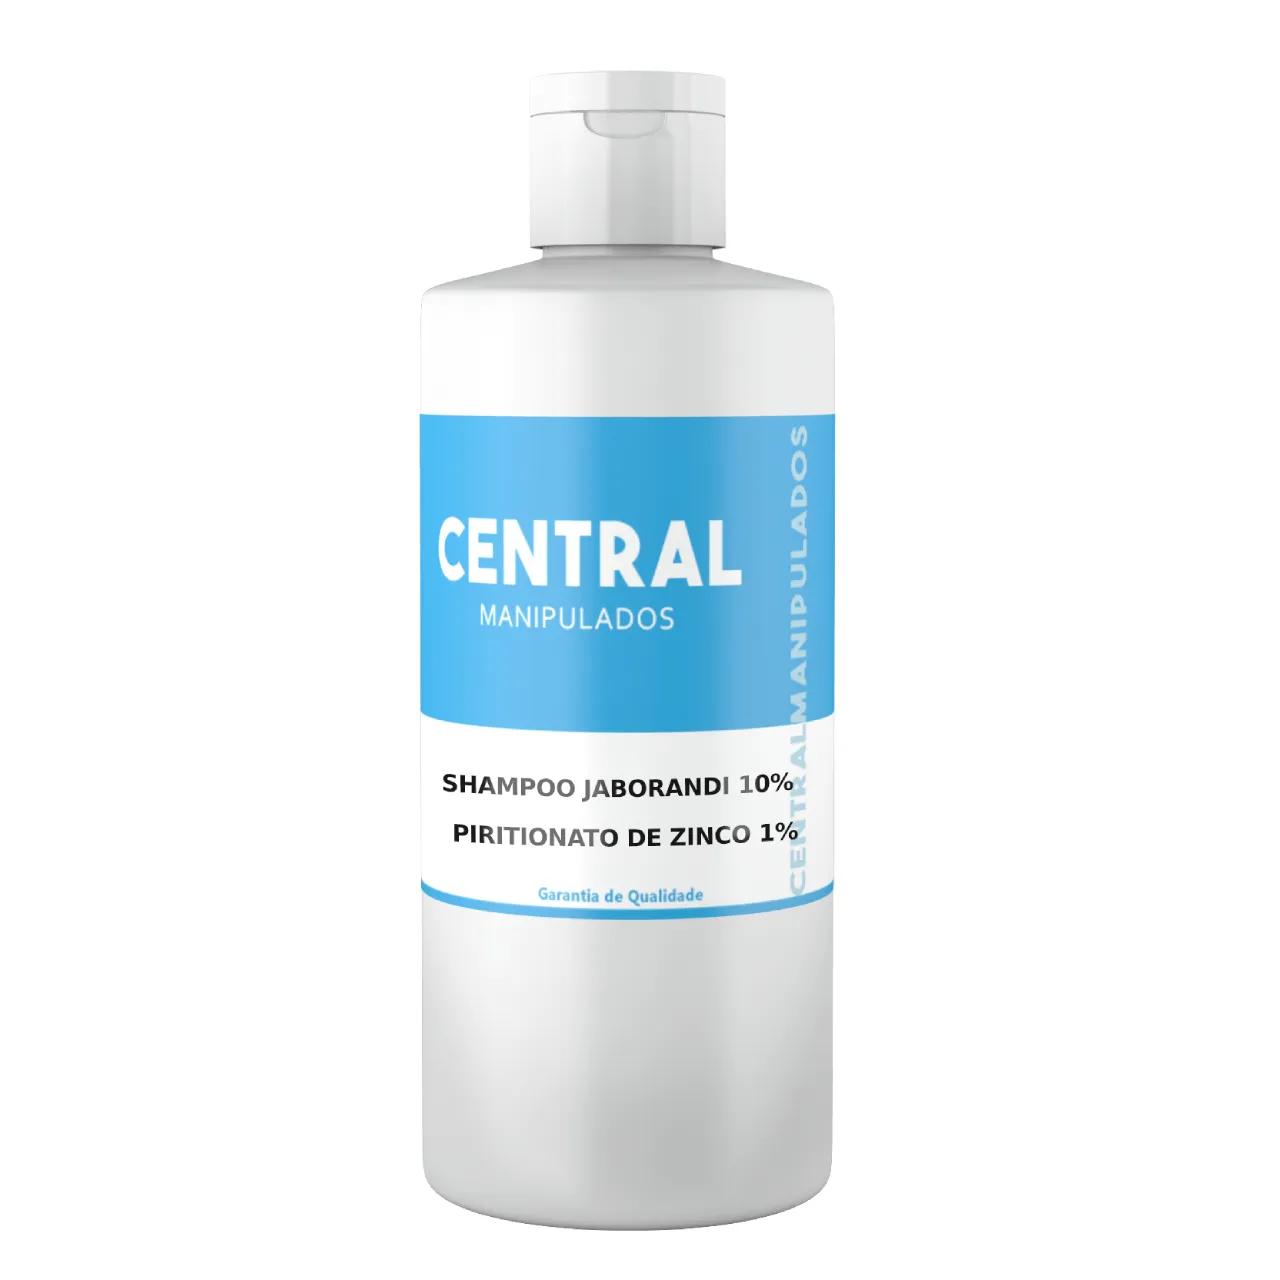 Shampoo 200ml  - Jaborandi 10% + Piritionato de Zinco 1% -  Shampoo anti queda para cabelo frágil e quebradiço, combate oleosidade e caspa